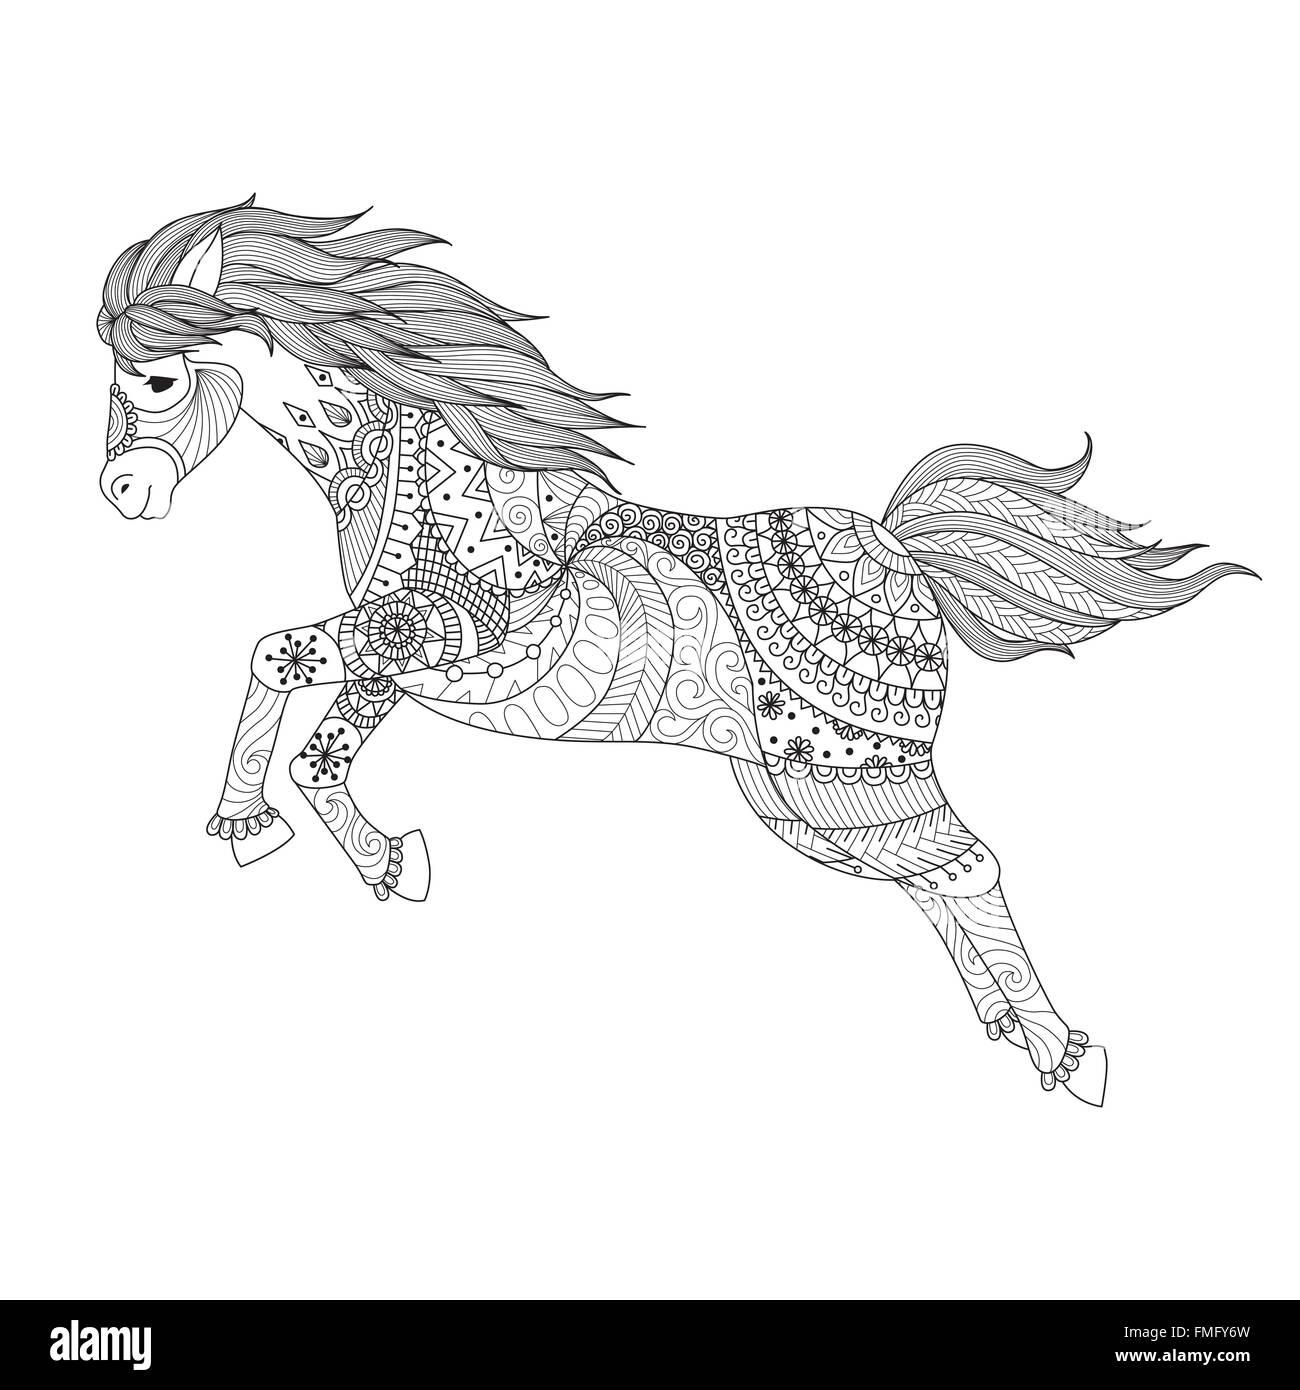 Dibujo De Caballo De Salto De Estilo Zentangle Coloring Book Para